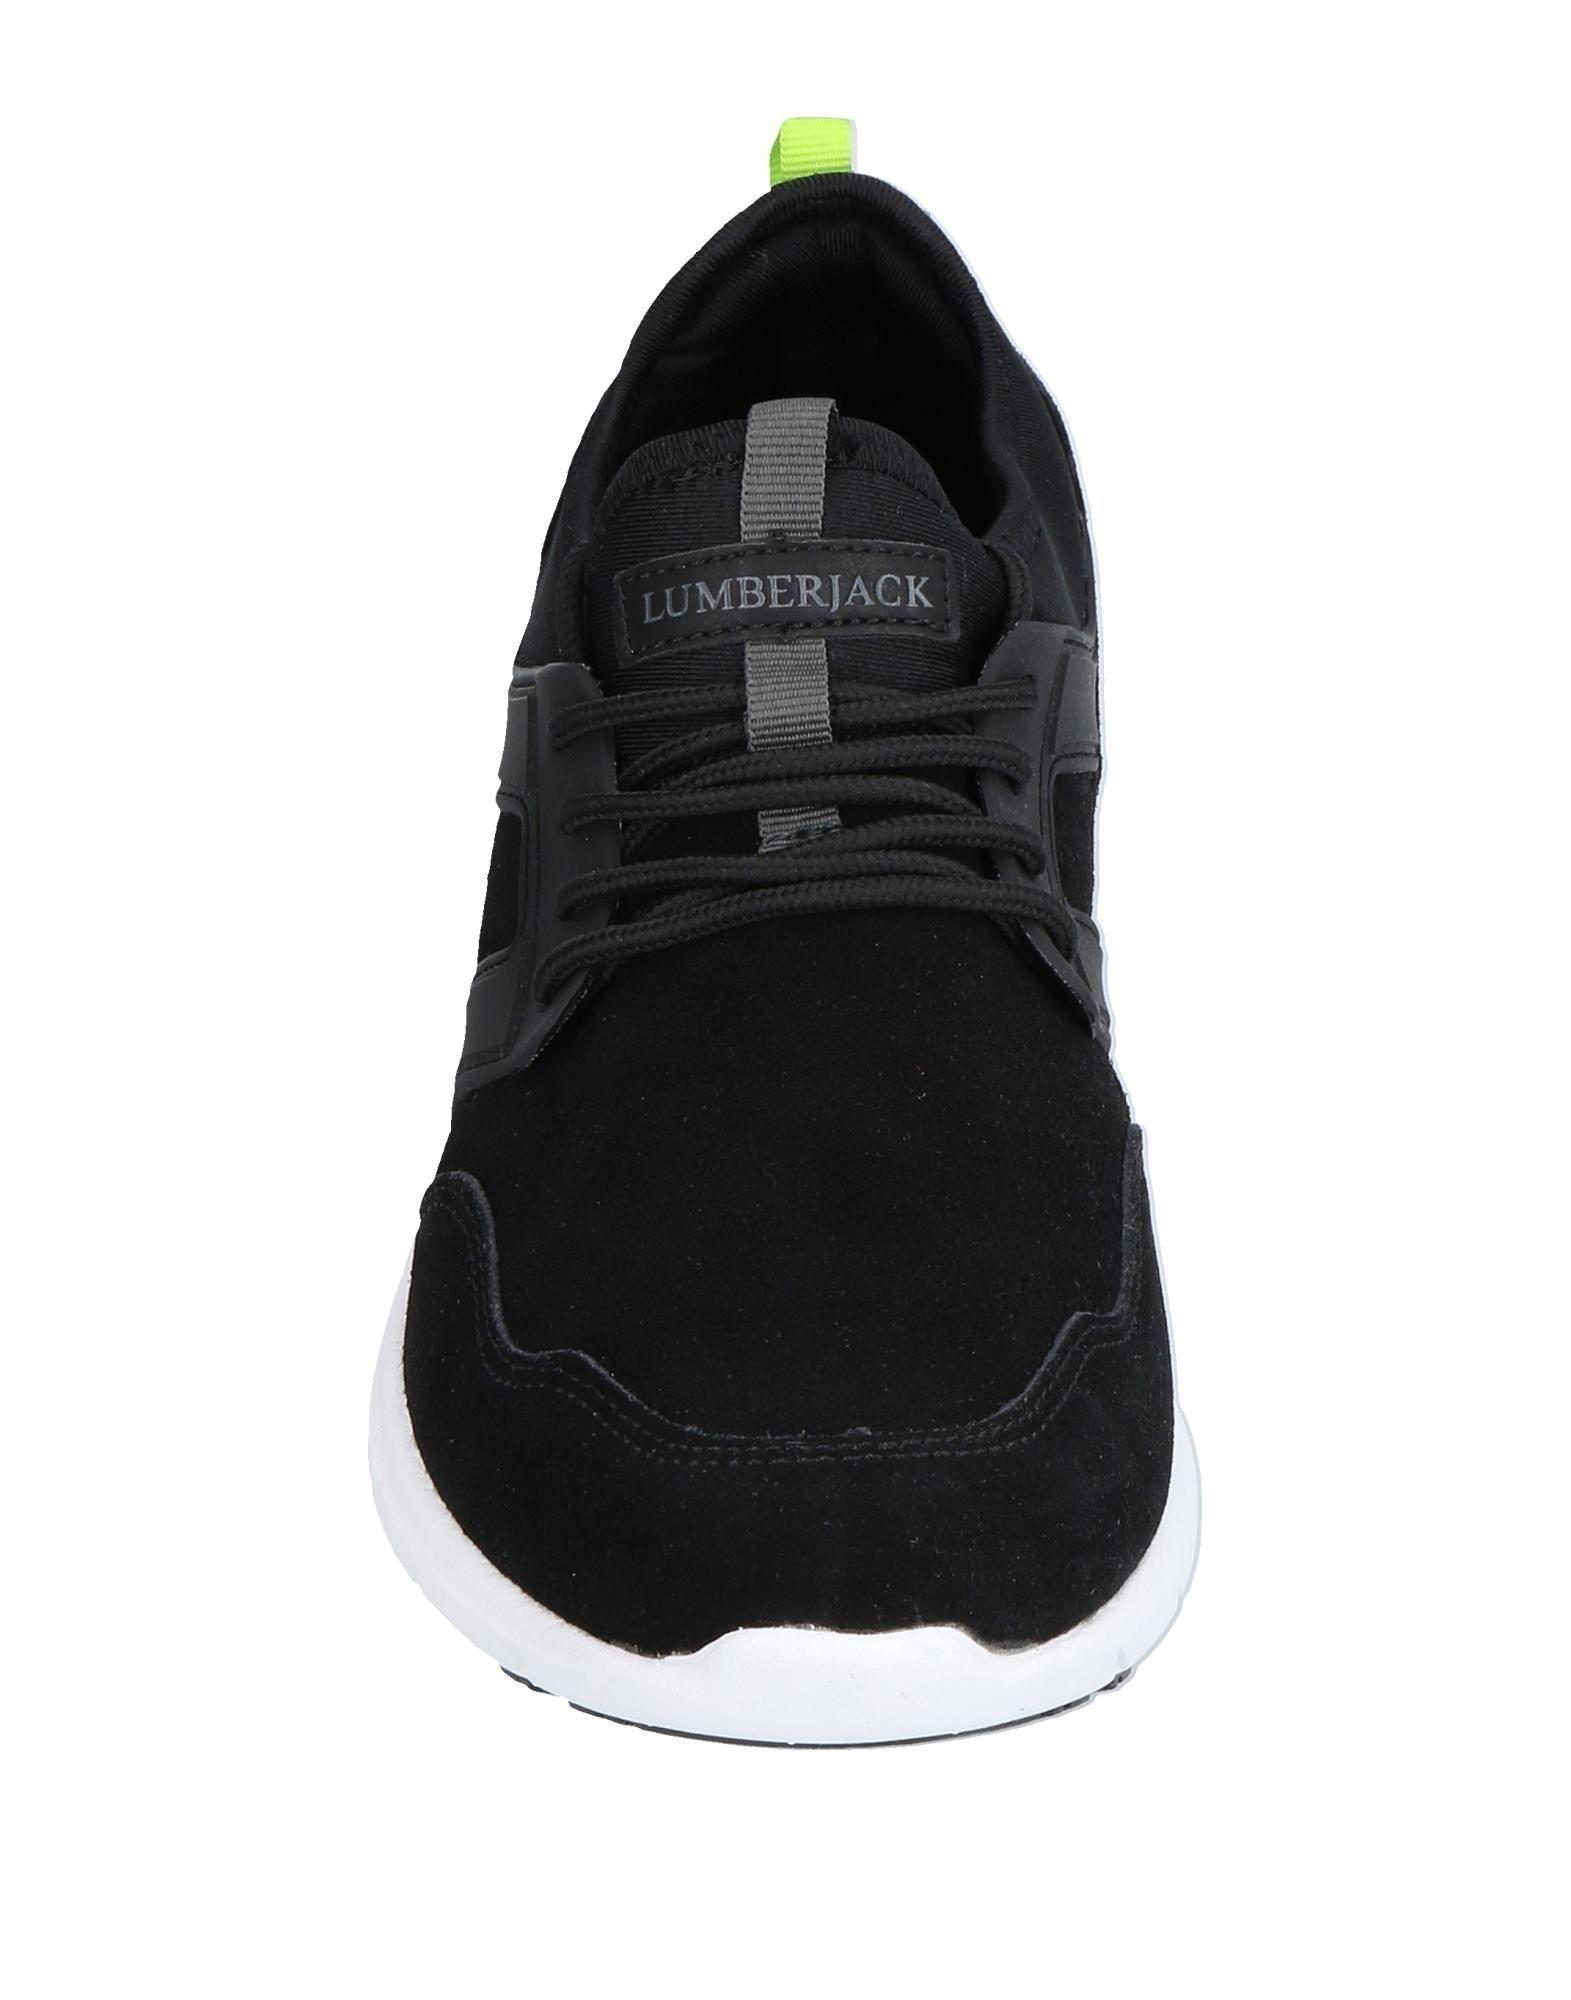 Moda Sneakers Sneakers Moda Lumberjack Uomo - 11505560WU b50a3b